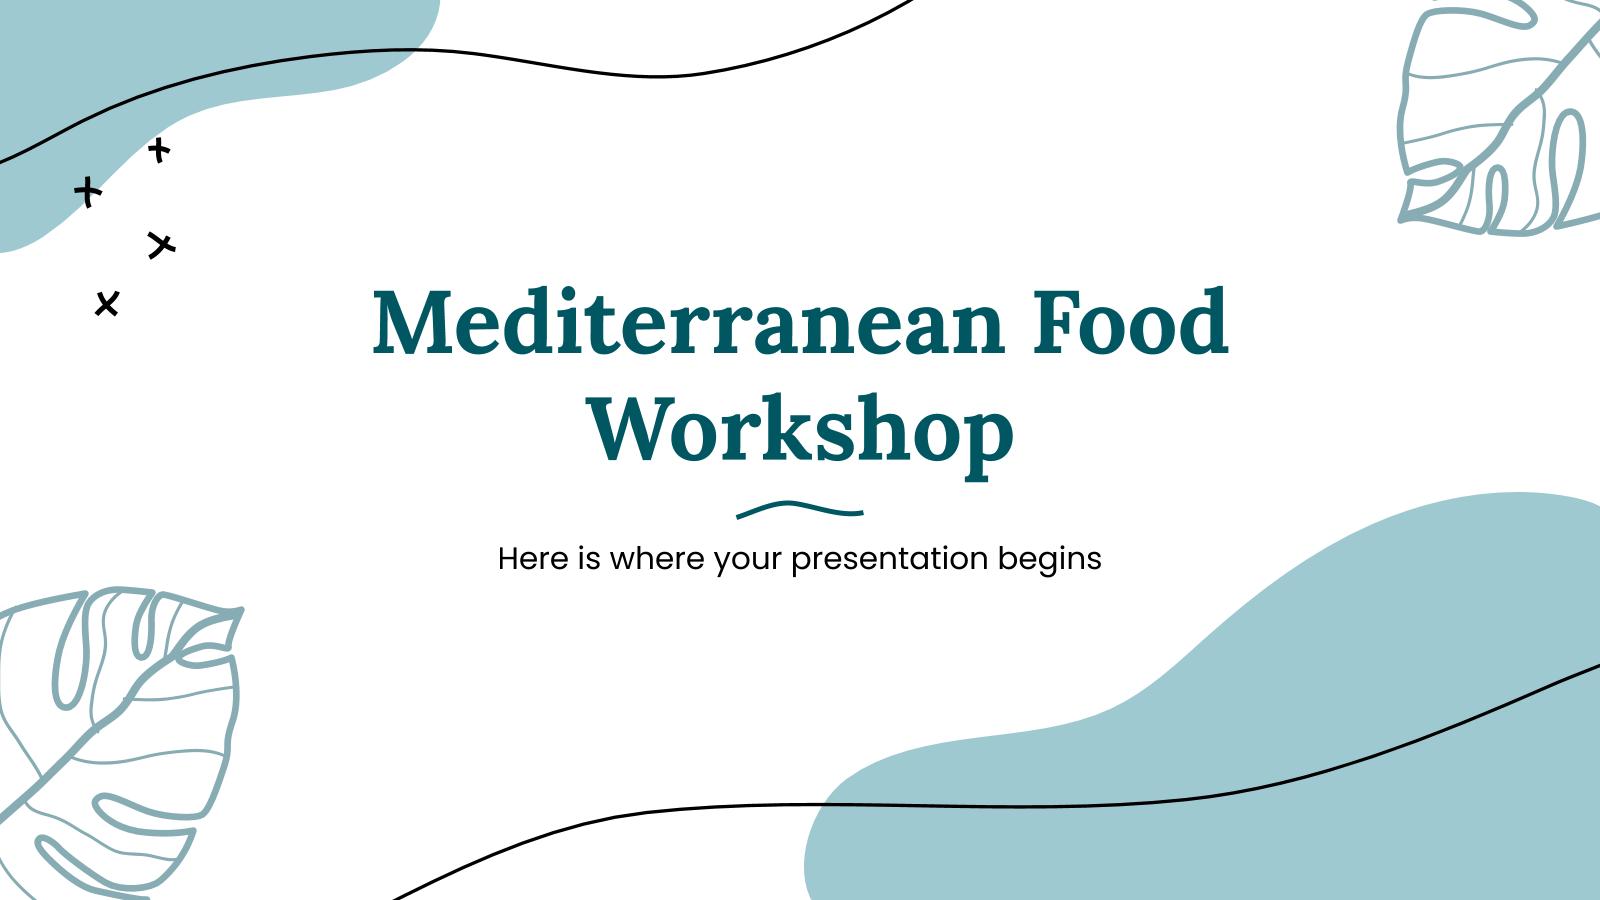 Modelo de apresentação Aula de culinária mediterrânea